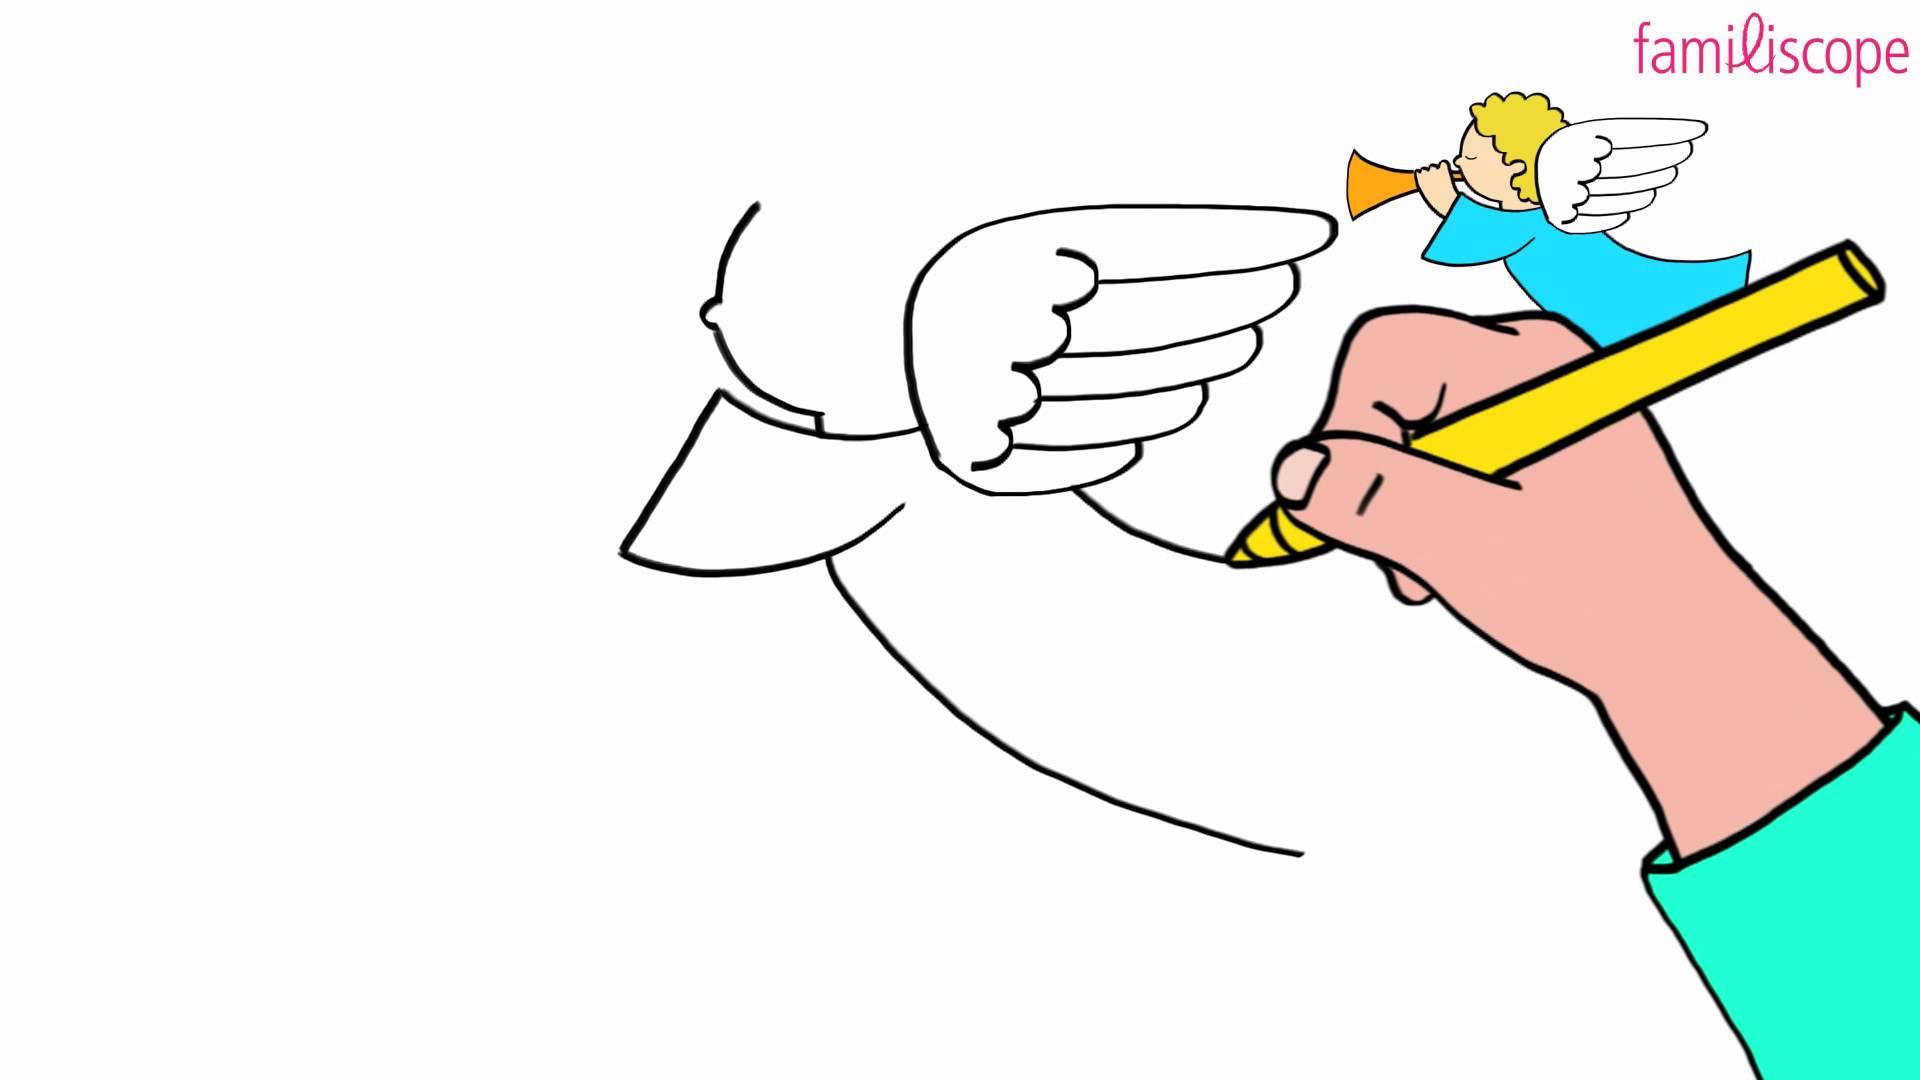 Comment dessiner un ange - Comment dessiner un canape ...